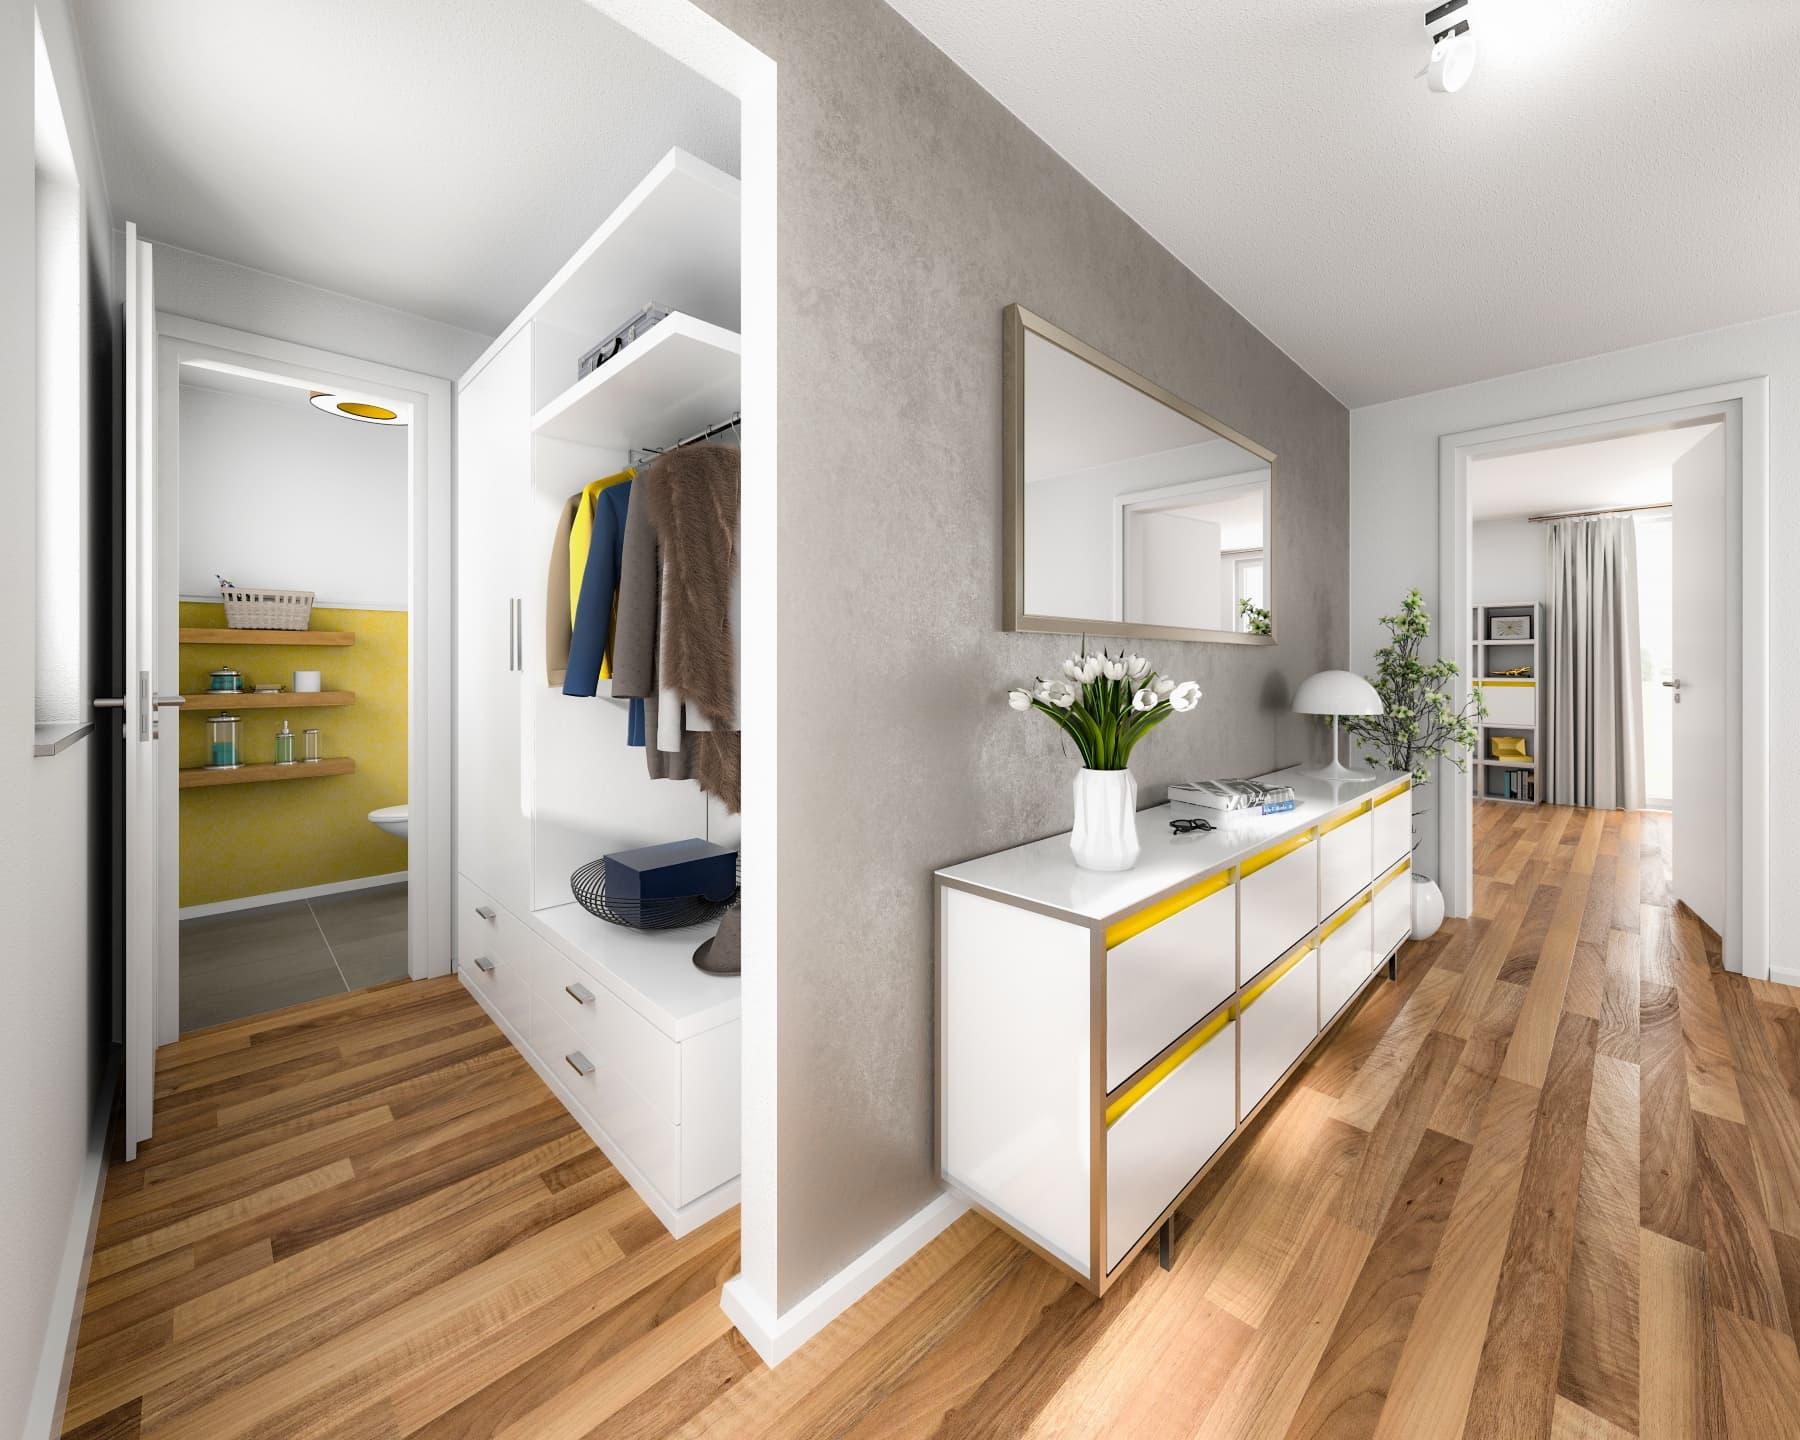 Flur Garderobe Eingangsbereich - Einfamilienhaus Inneneinrichtung Ideen Massivhaus Raumwunder 100 Süd von Town & Country Haus - HausbauDirekt.de